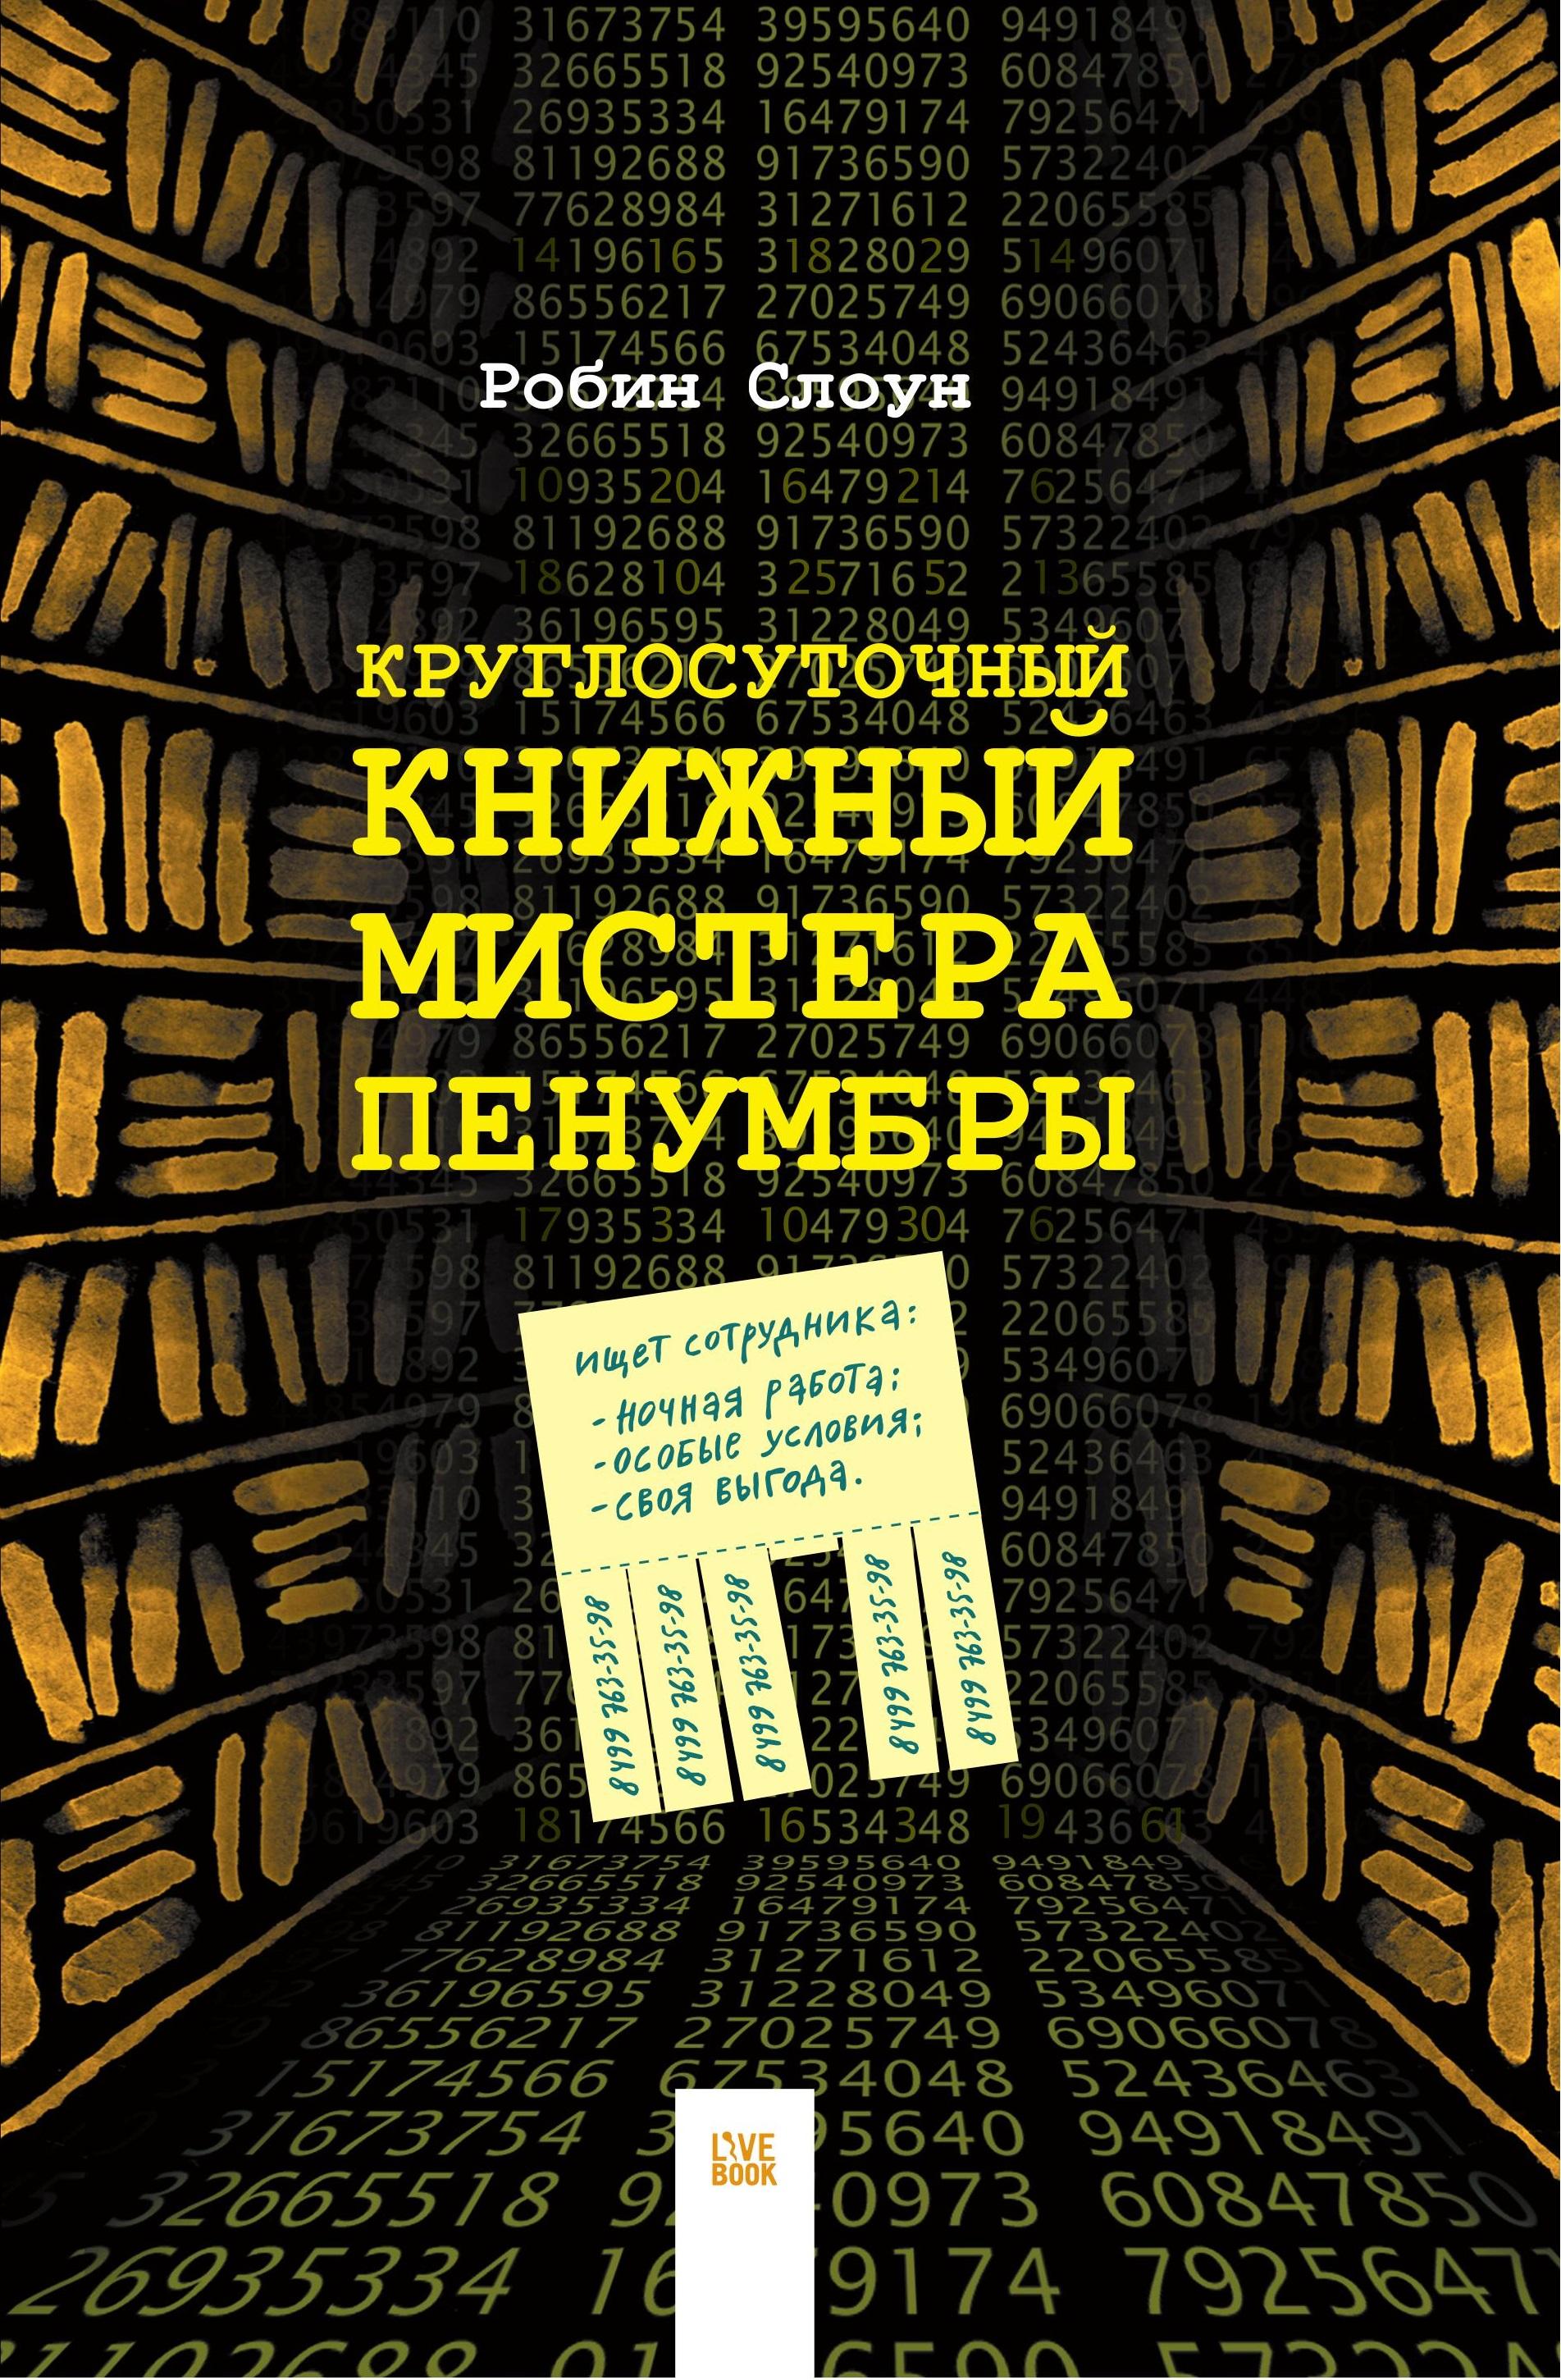 Круглосуточный книжный мистера Пенумбры. Робин Слоун